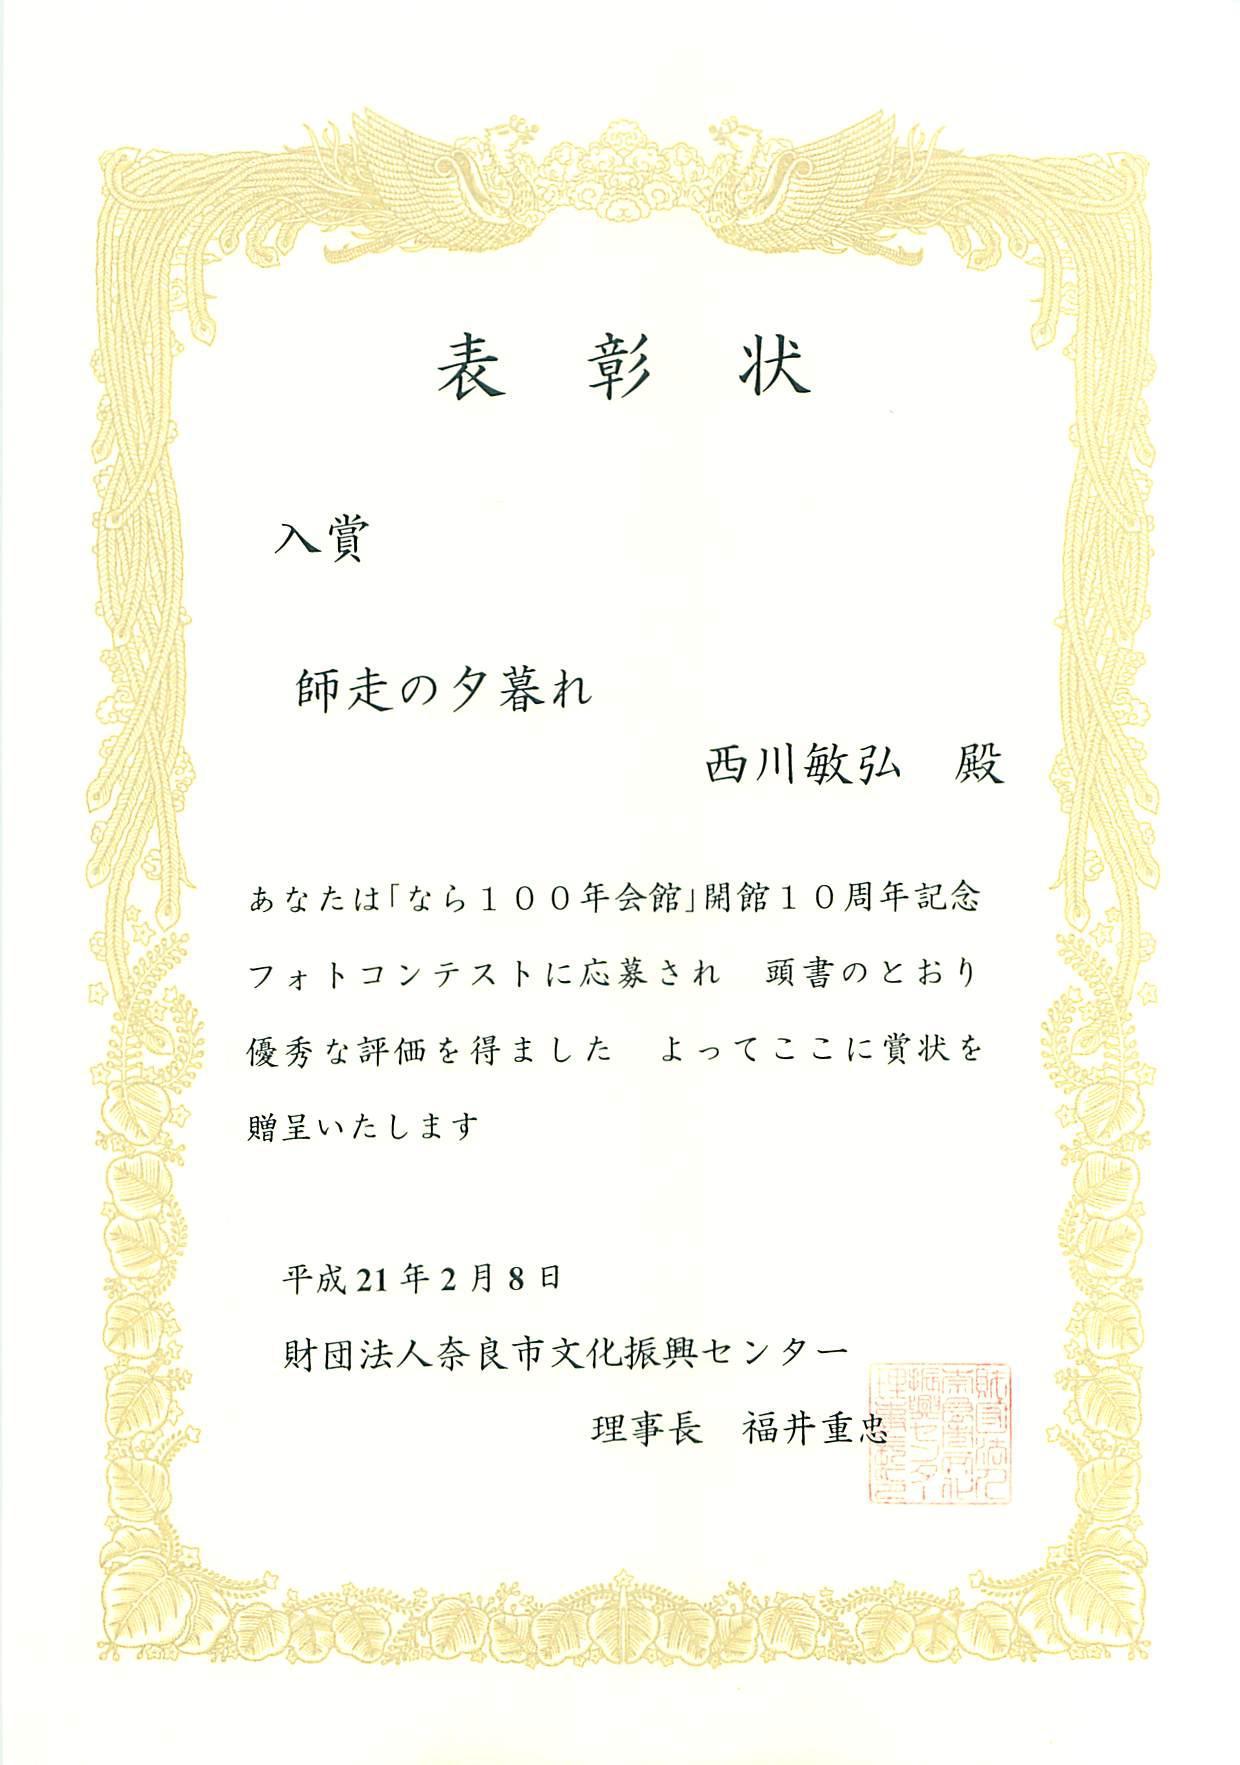 なら100年会館開館10周年記念フォトコンテスト 入賞_a0288226_23483419.jpg